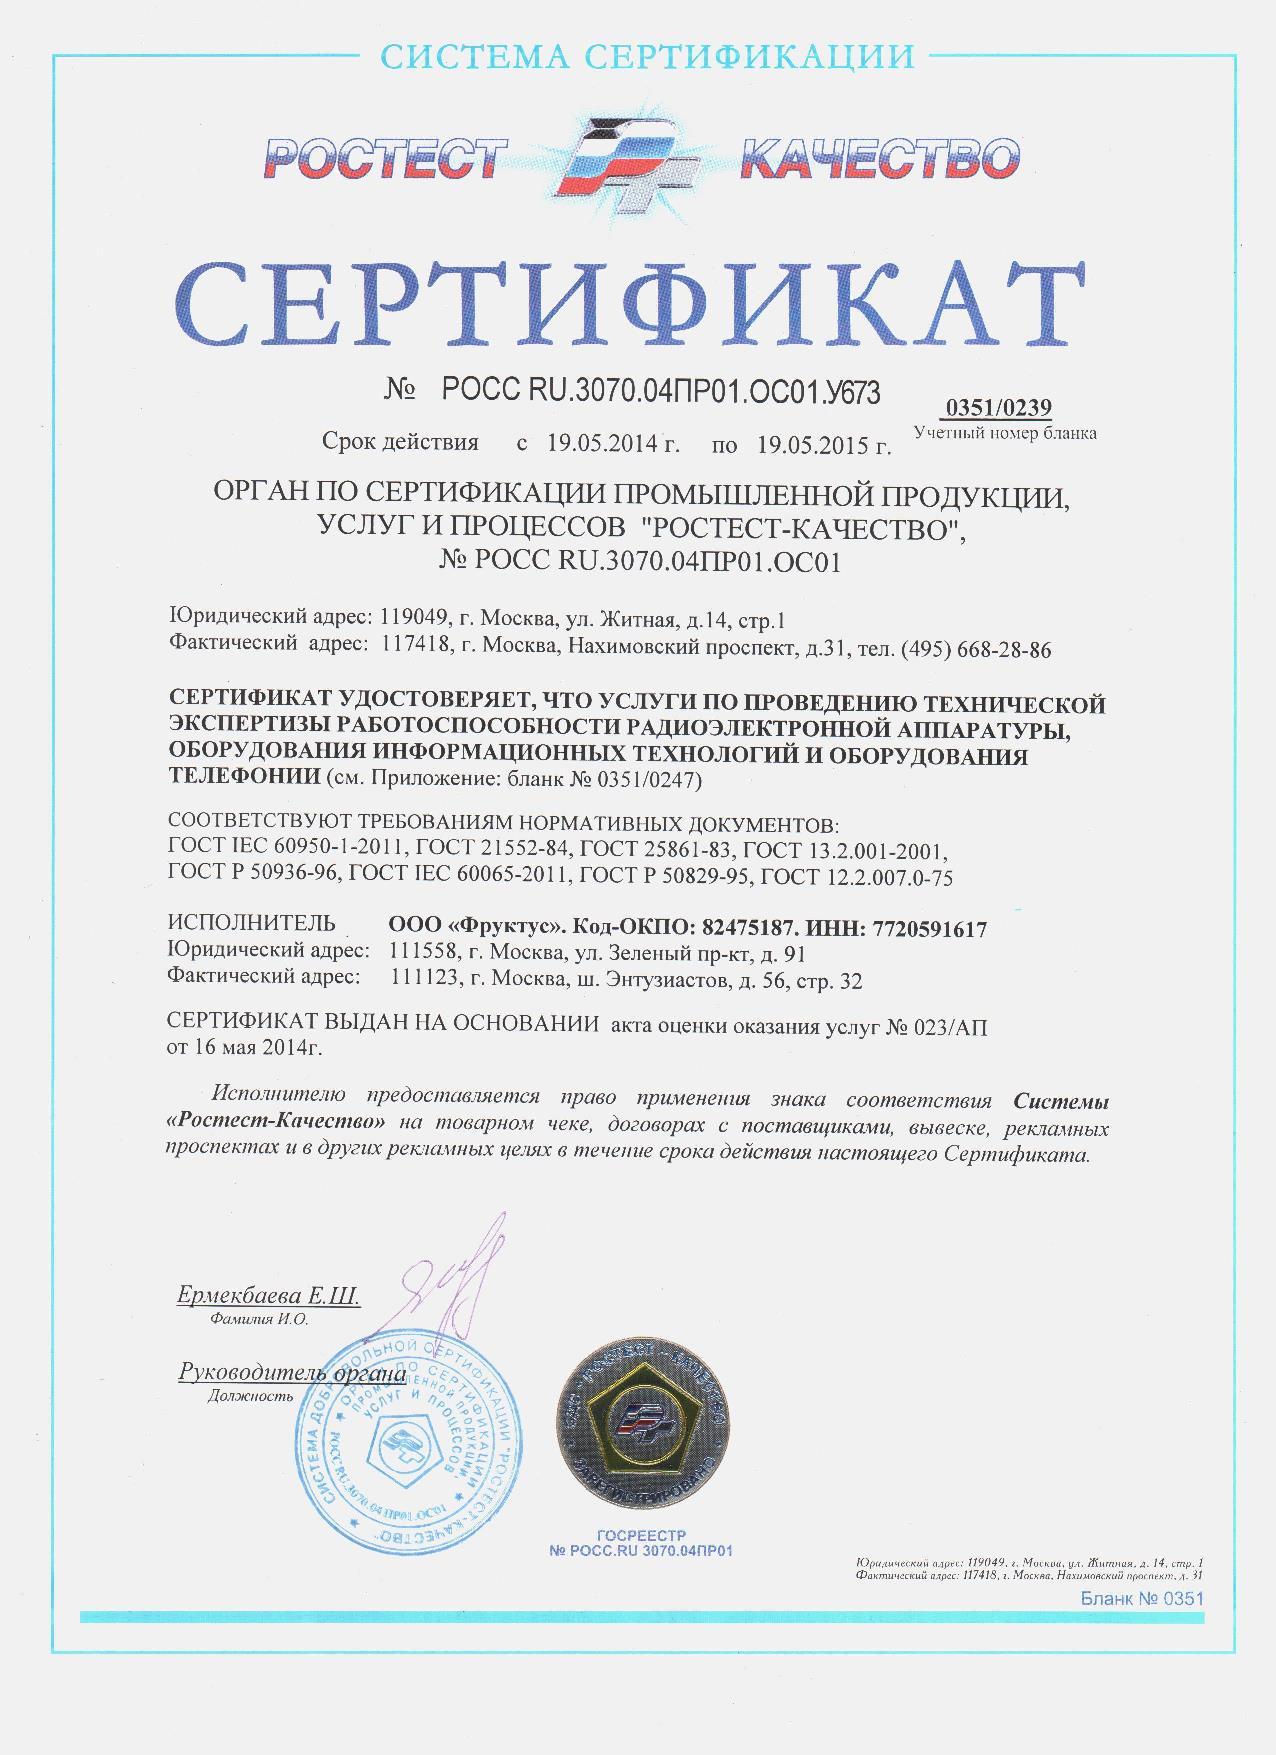 Сертификация компьютеров и оргтехники услуги по сертификация на соответствие технических регламентов таможенного союза